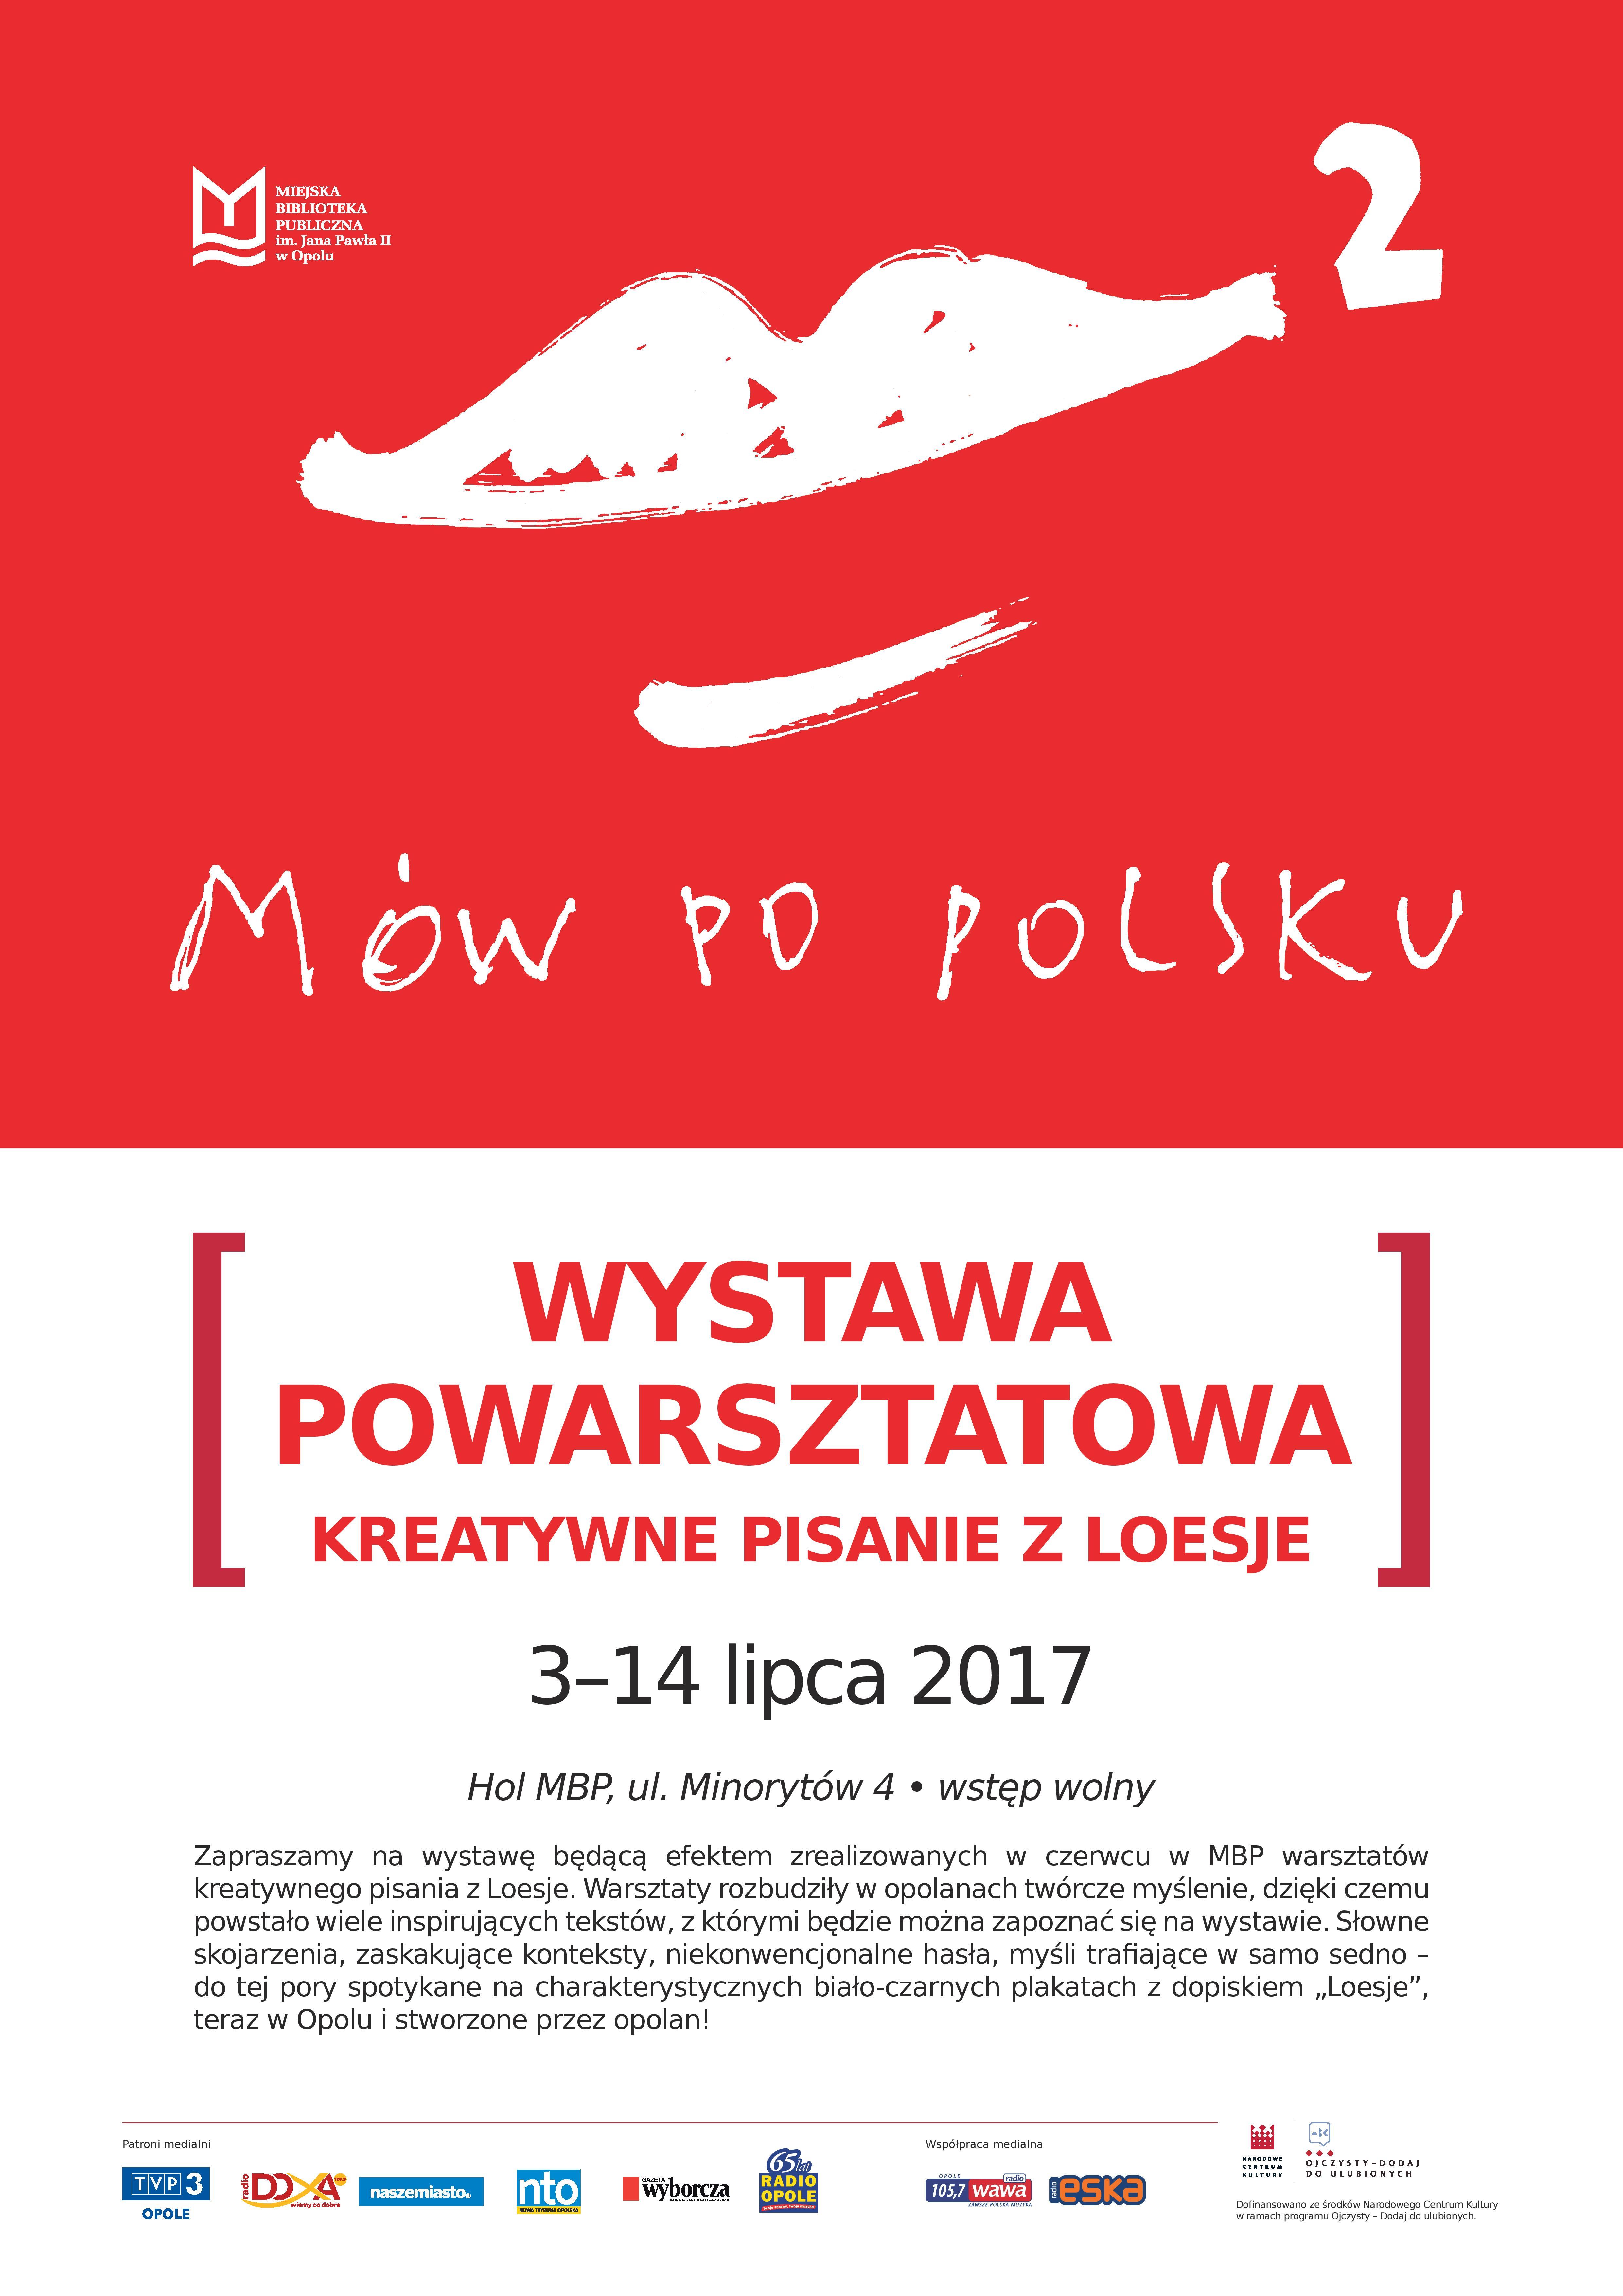 Wystawa powarsztatowa Mów po polsku 2!